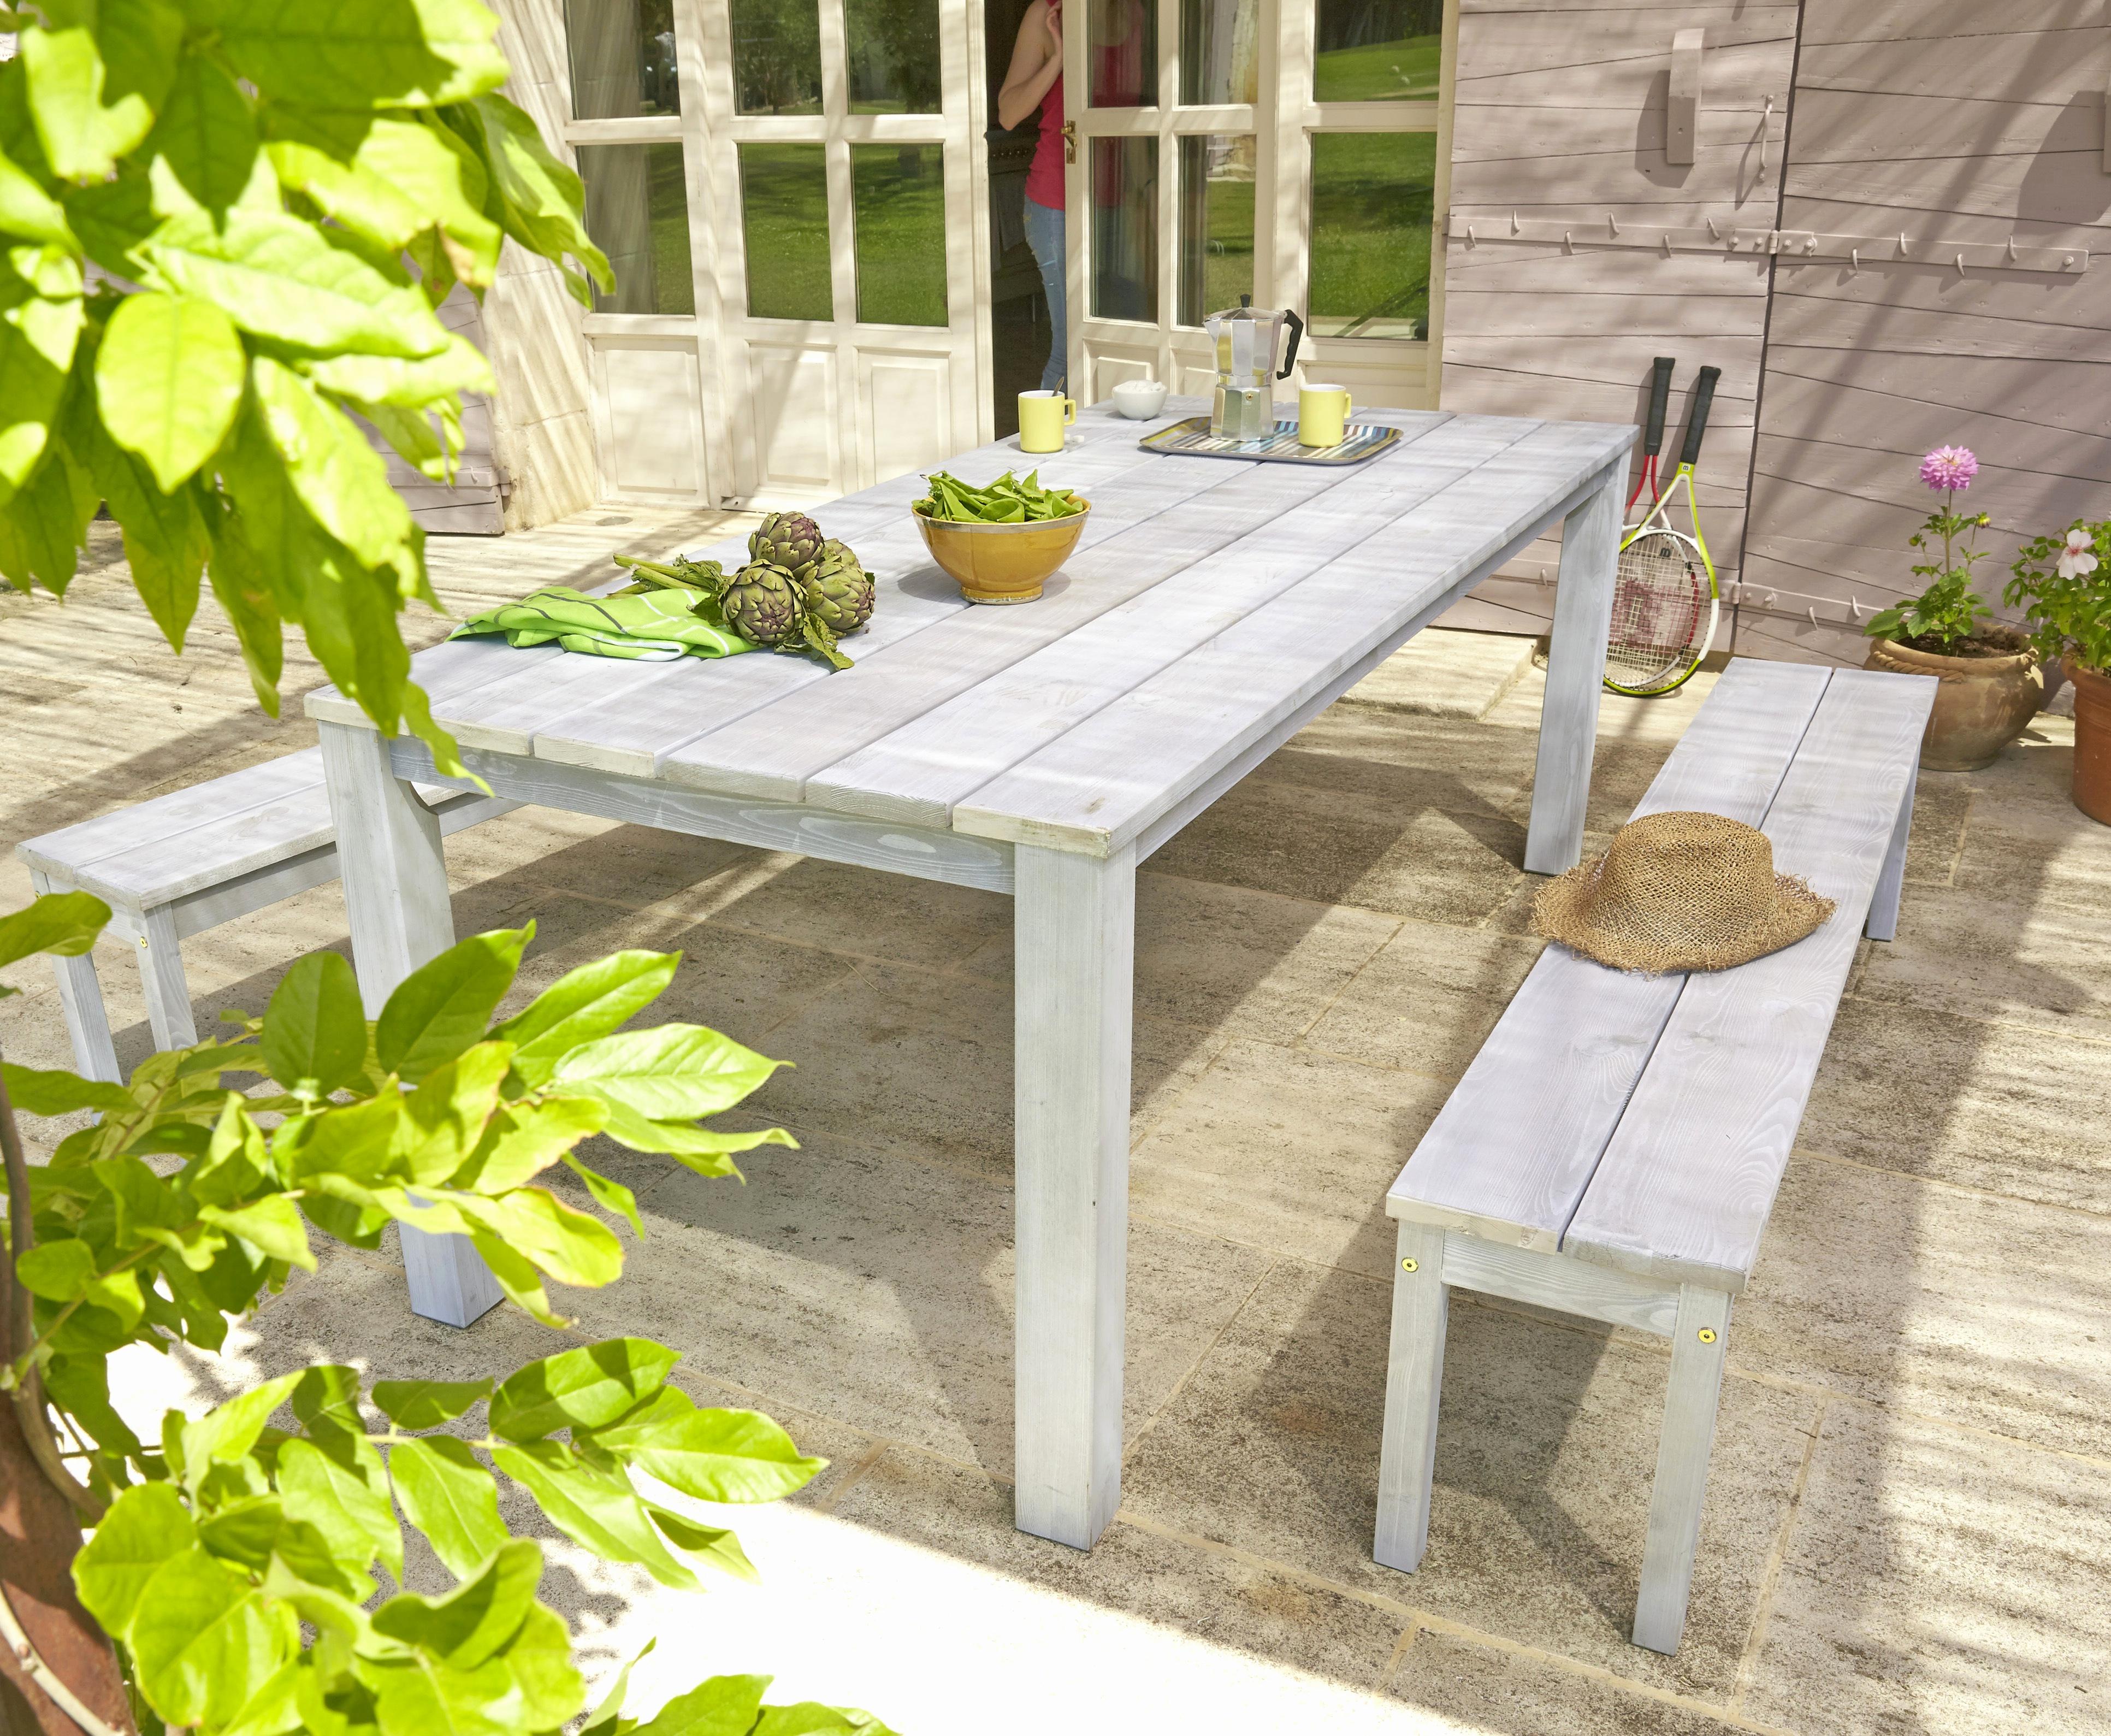 Table De Balcon Rabattable Carrefour Nouveau Photographie tonnelle Jardin Carrefour Inspirant Carrefour Table Pliante Luxe 34